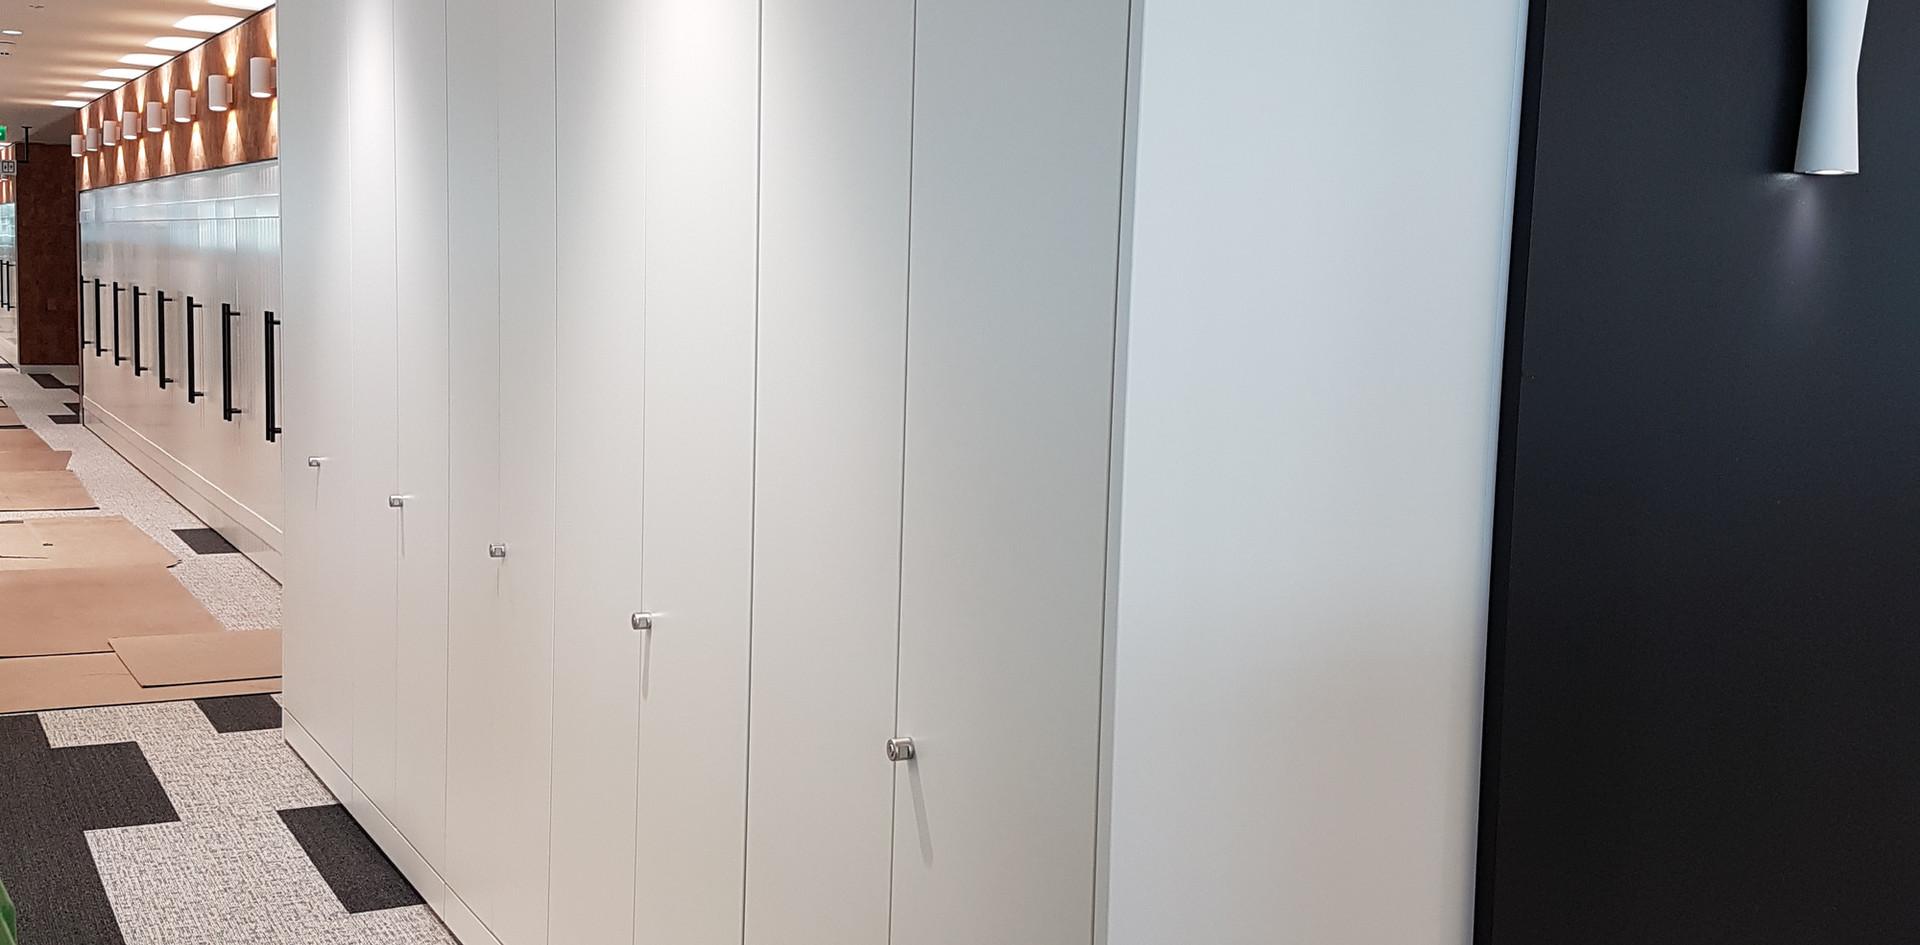 office tall wall storage key locking